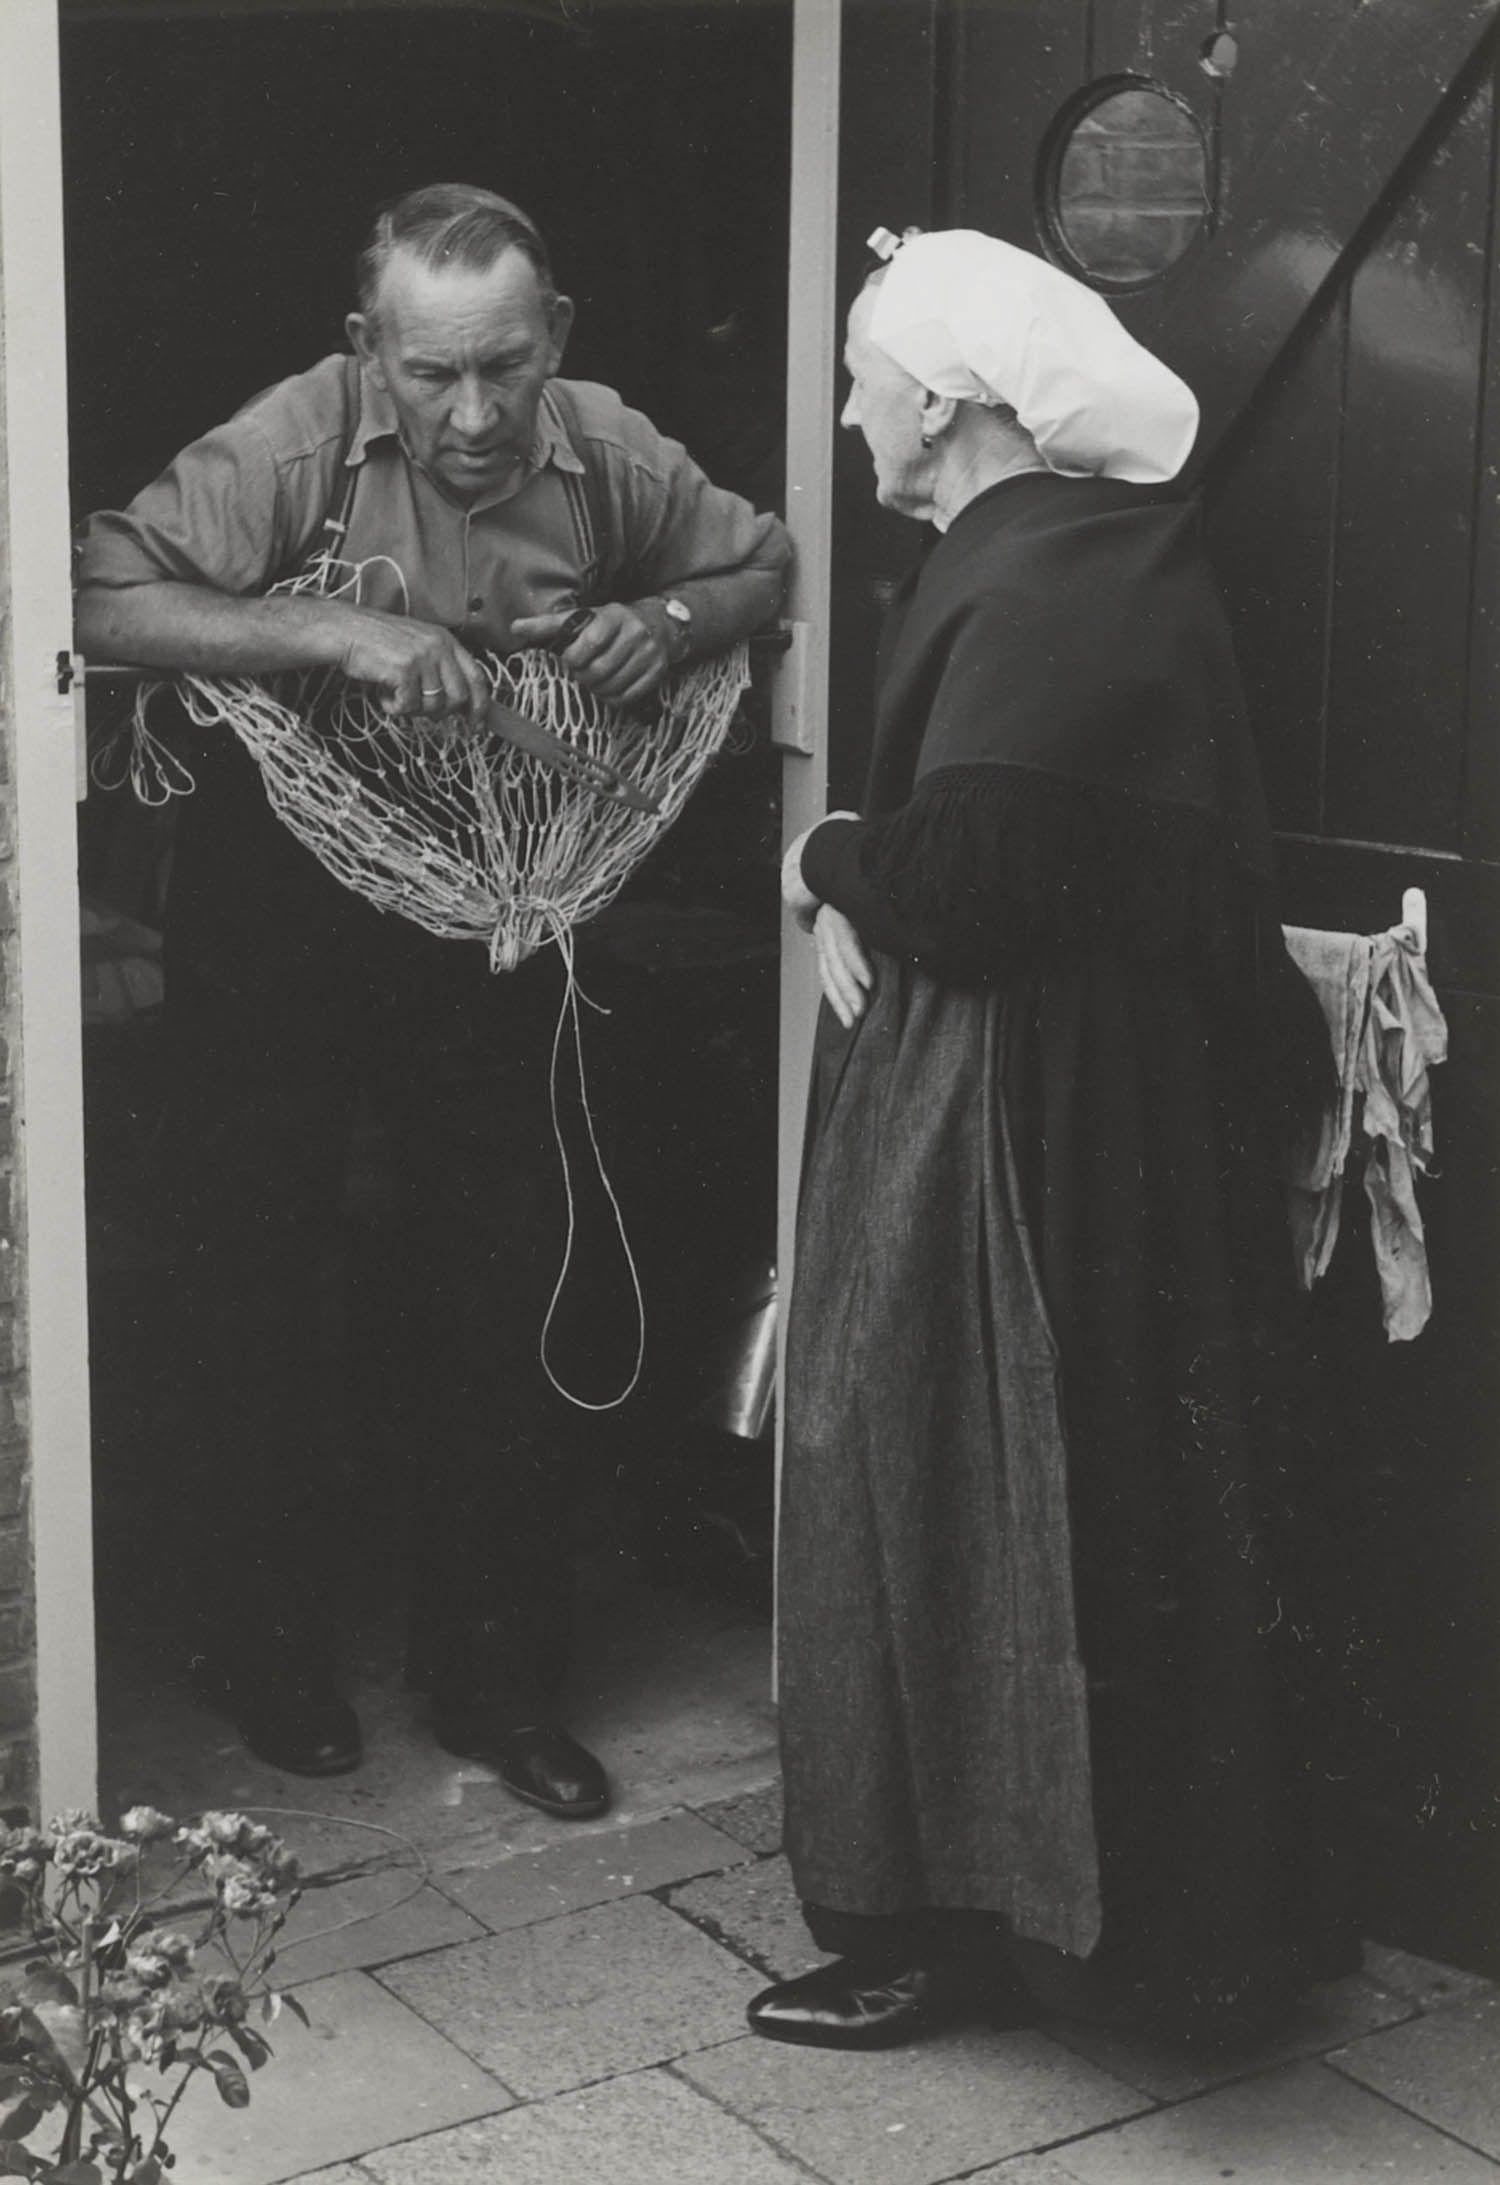 Man en vrouw in Scheveningse dracht, 1953 de man is bezig met netten boeten (met houten boetnaald). De vrouw draagt een ouderwetse muts met 'vierkante klappen'. Ze is in de rouw. Onder de muts draagt ze een zilveren oorijzer met 'stukken'. Ze is gekleed in haar opknappersgoed: zwarte schouderdoek, zwart jak, zwarte rok en een donkergrijs schort van keizers- of verpleegsterslinnen. #ZuidHolland #Scheveningen